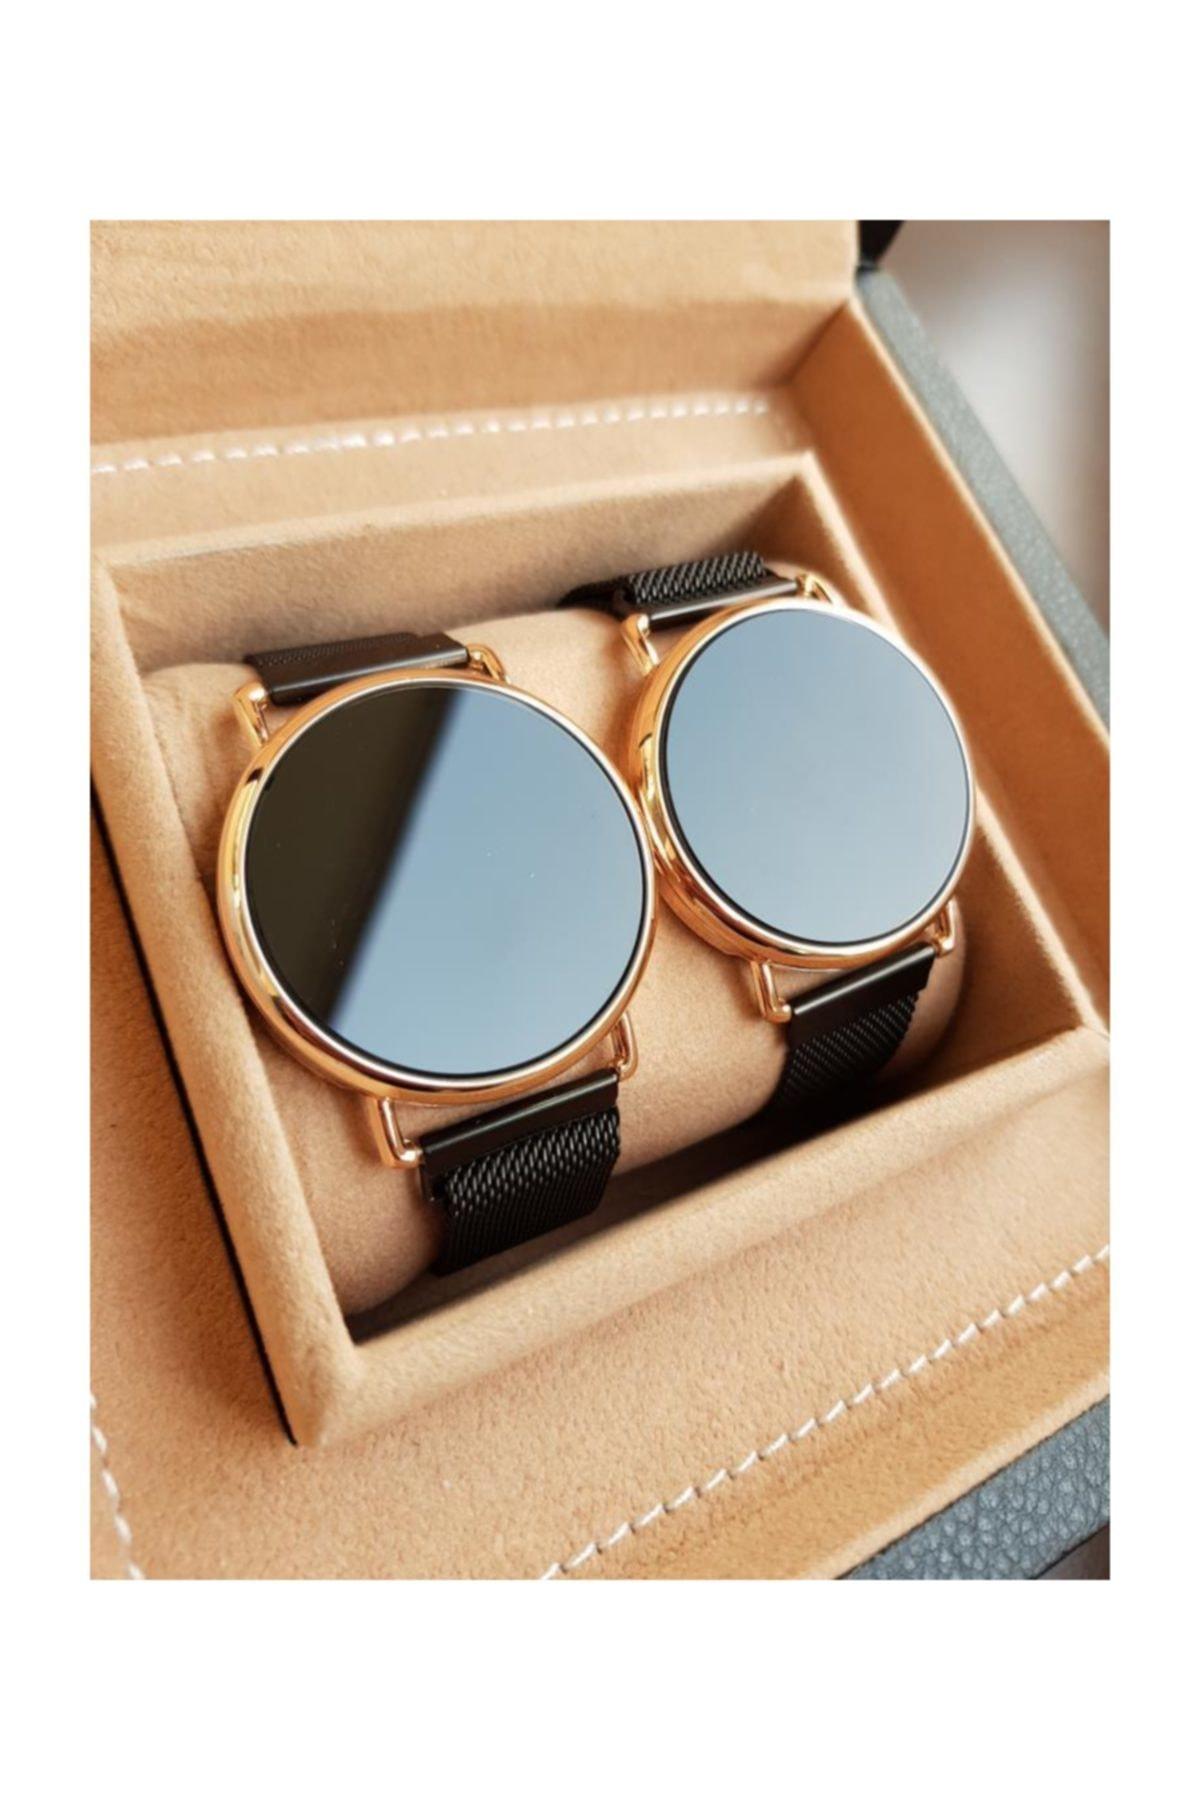 gold Time Siyah Renk Mıknatıslı Kordon Dokunmatik Sarı Kasa Sevgili Saatleri